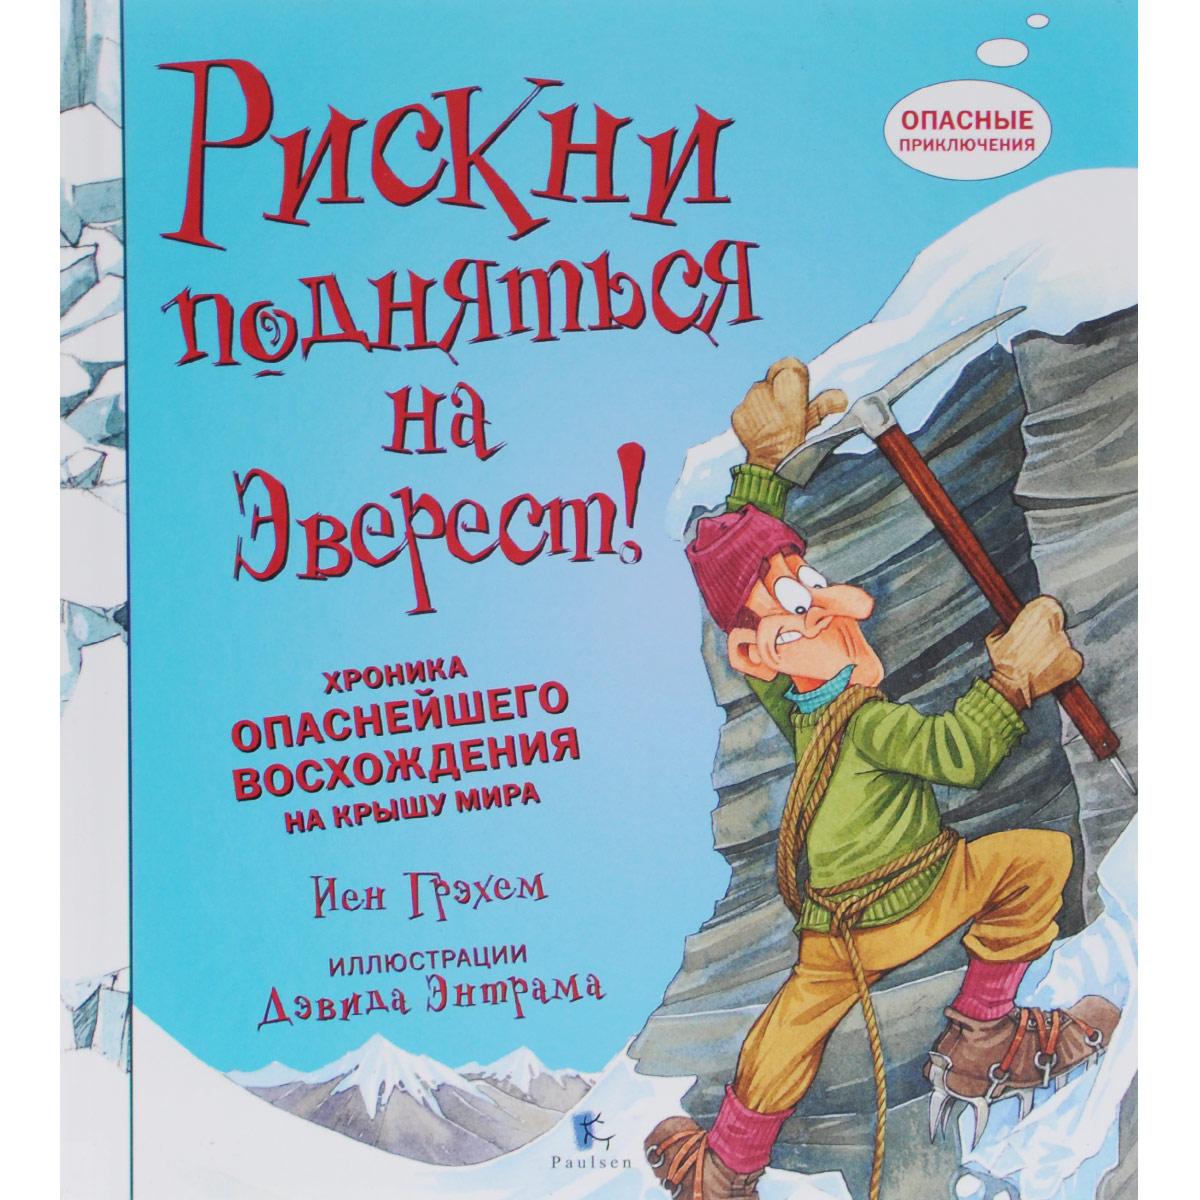 Иен Грэхем Рискни подняться на Эверест! Хроника опаснейшего восхождения на крышу мира